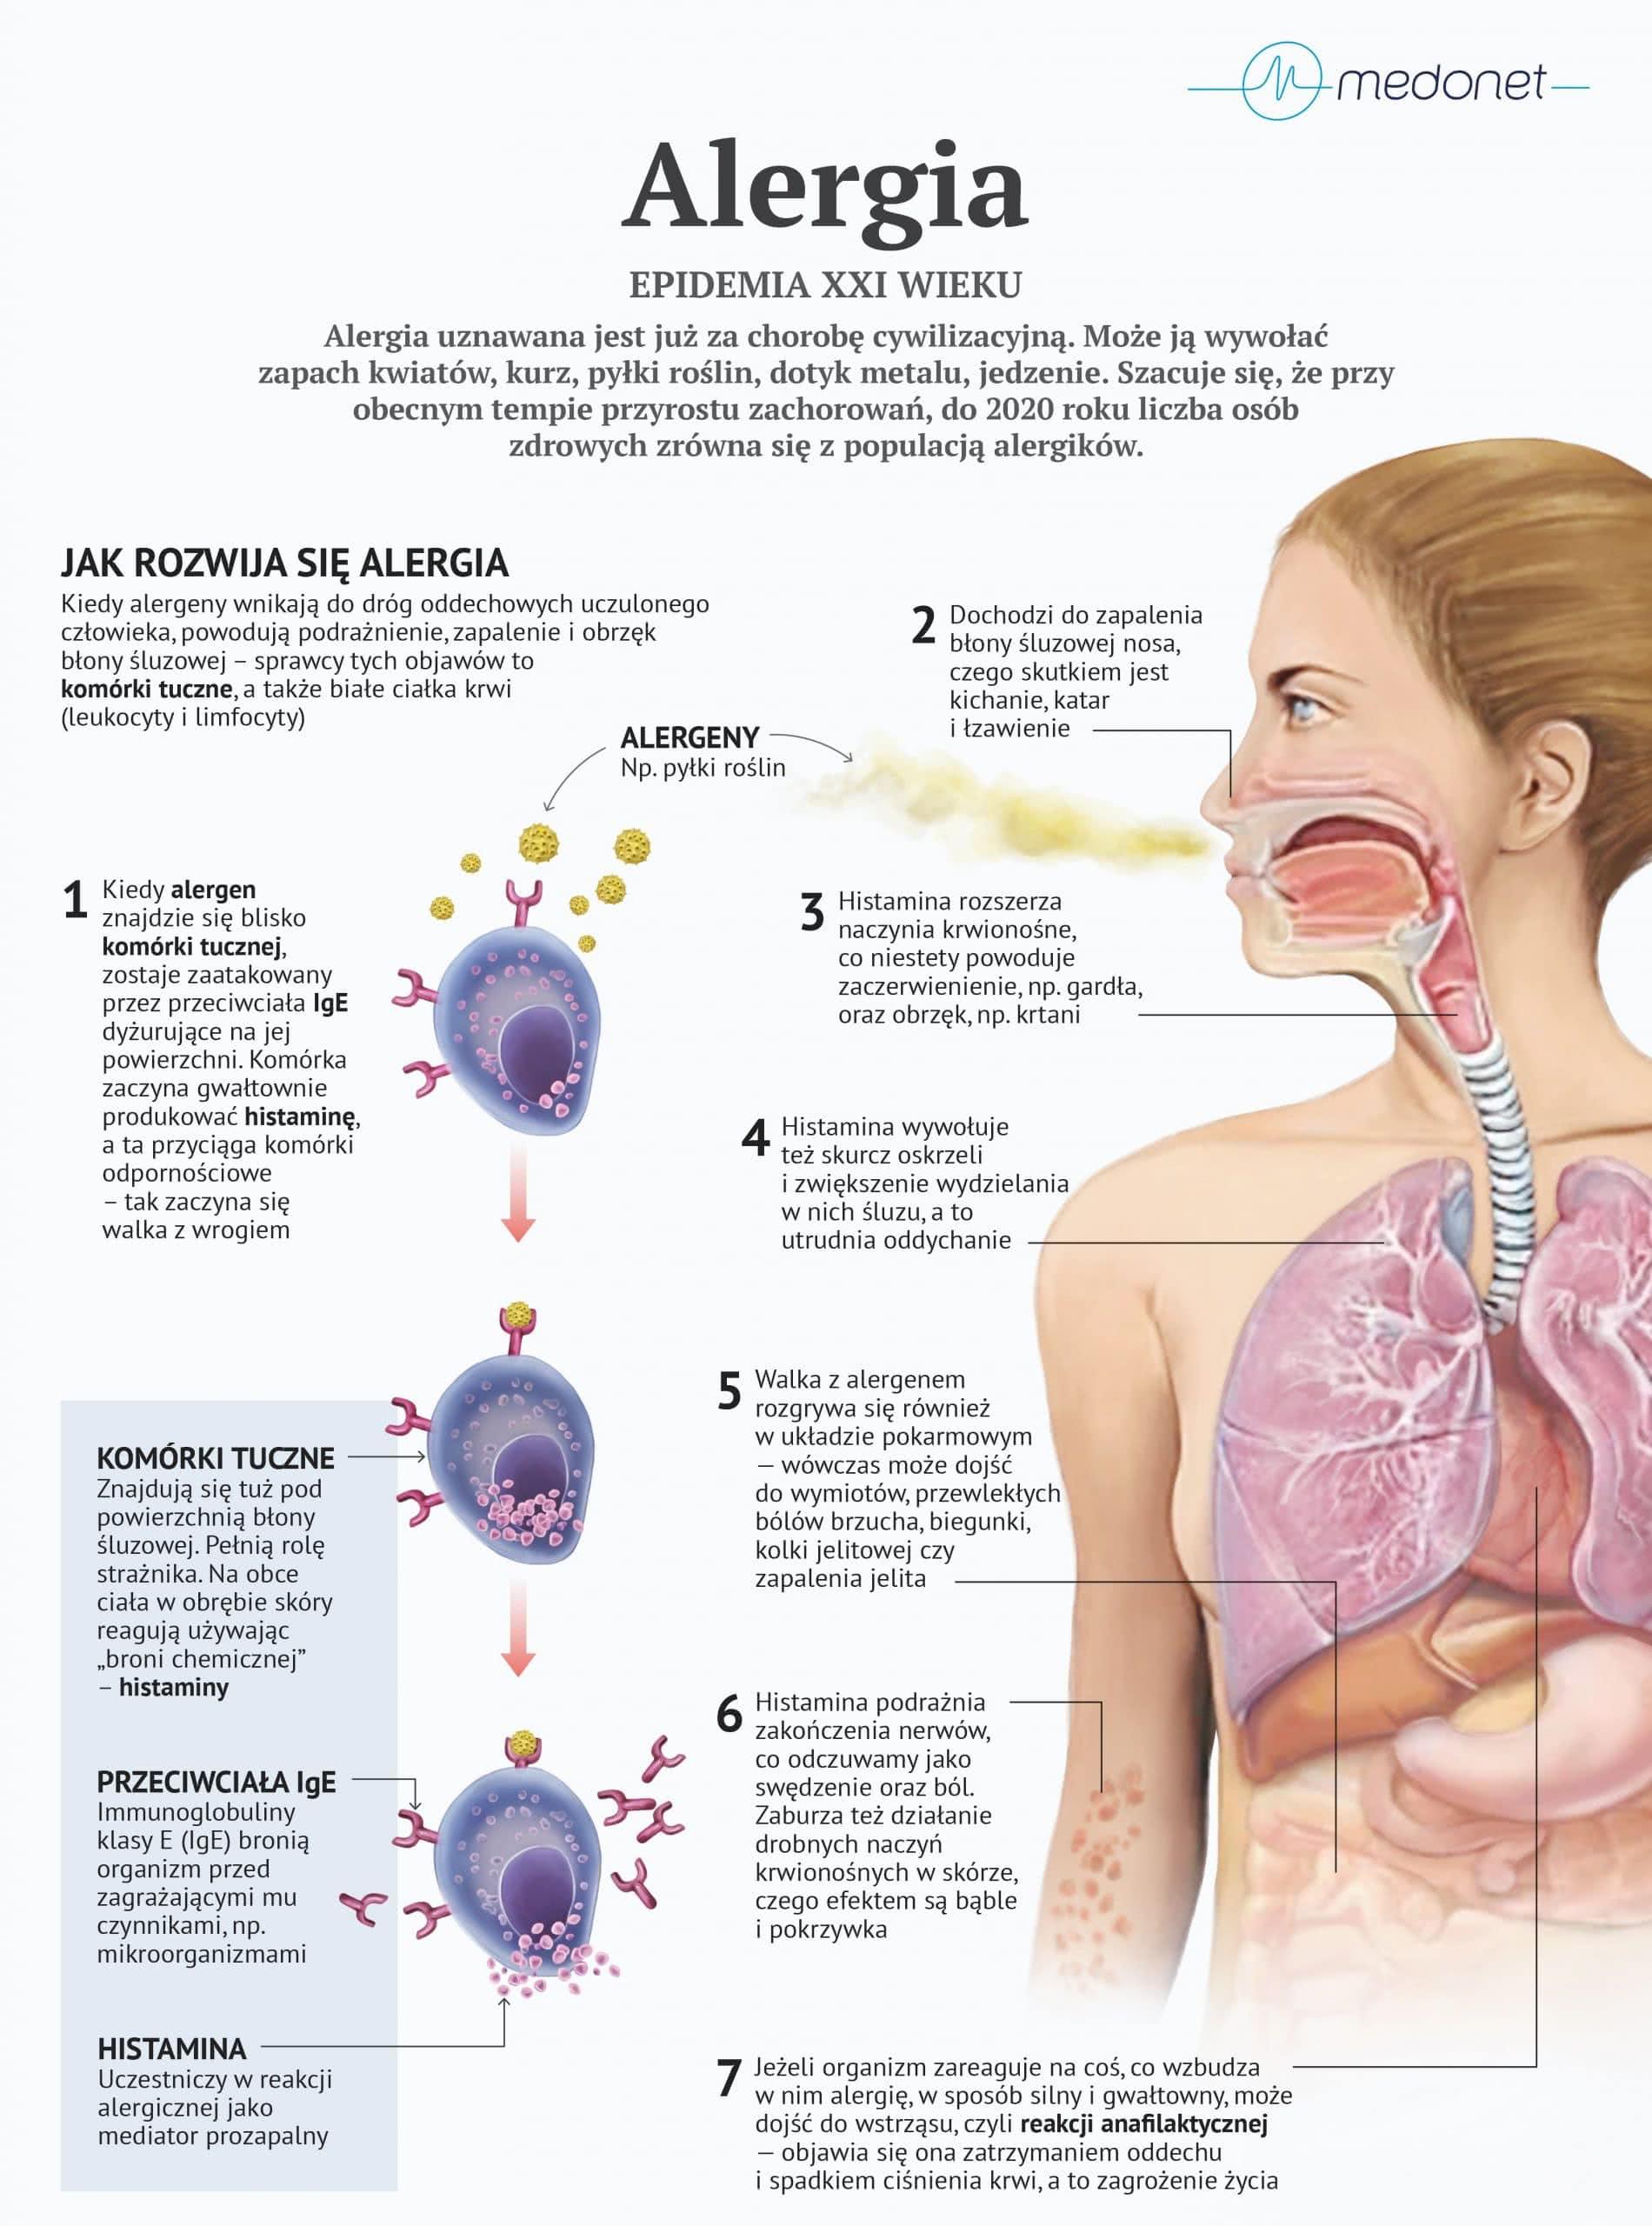 Alergie wziewne, krótka charakterystyka 1